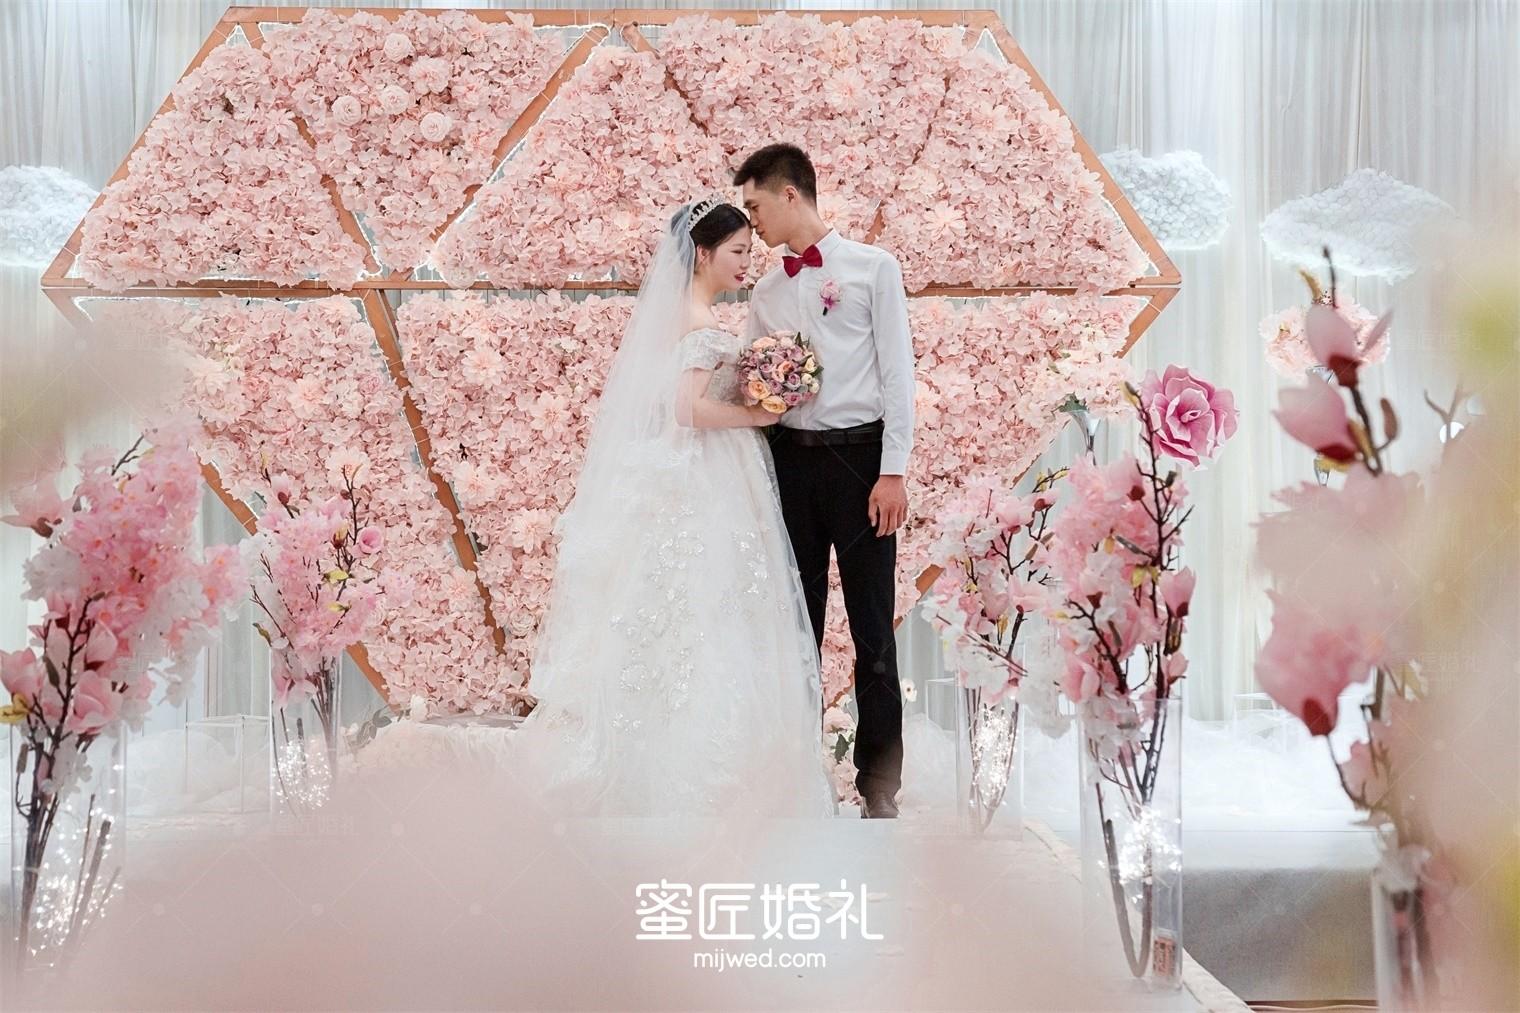 竹溪婚礼摄像收费标准 竹溪婚礼的摄像要多少钱